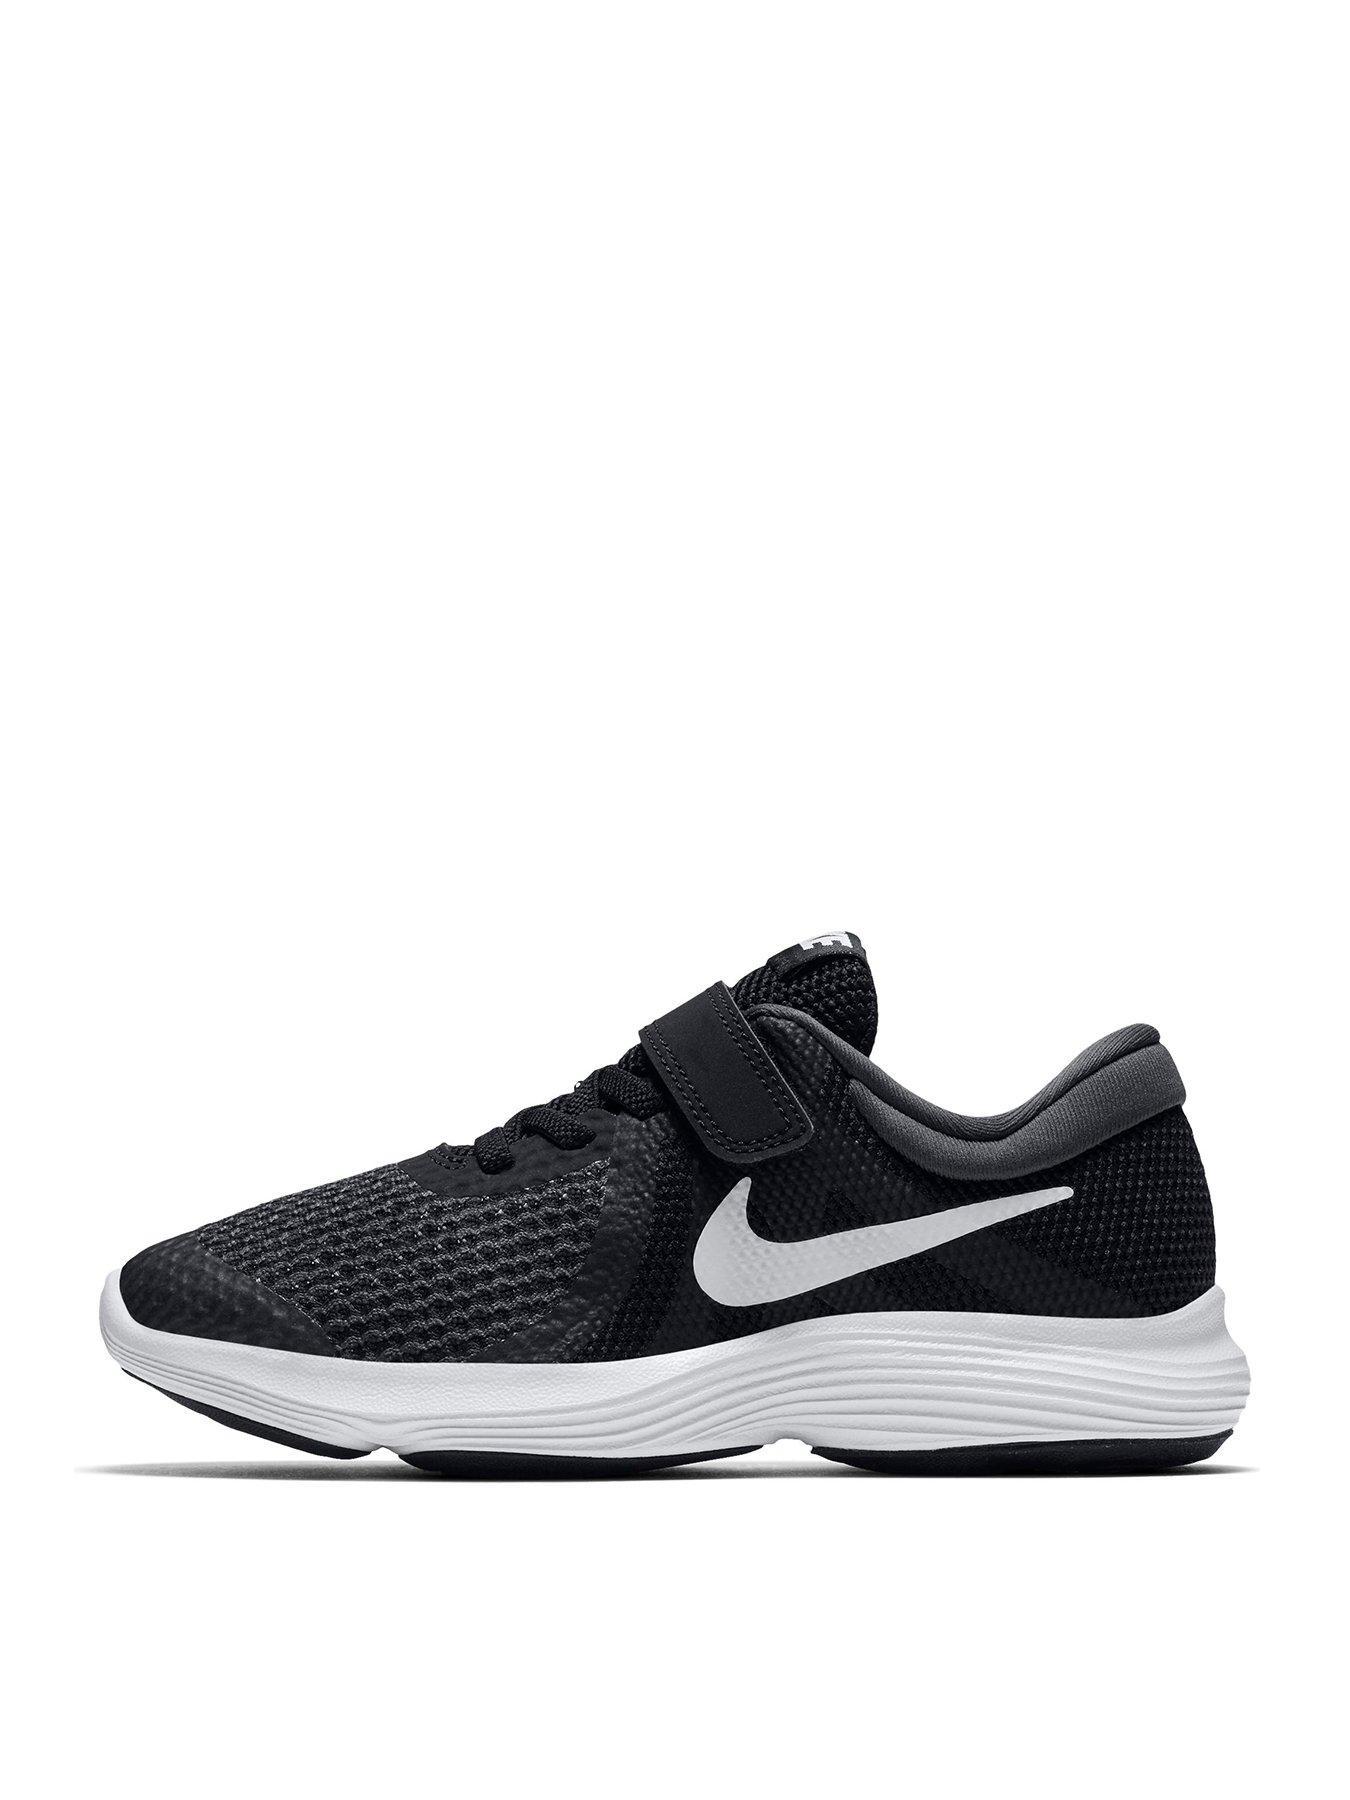 images de sortie vente Nike Commande Air Max Noir Gris Blanc Pépinière commercialisable à vendre officiel extrêmement rabais K5N3vkCzDj